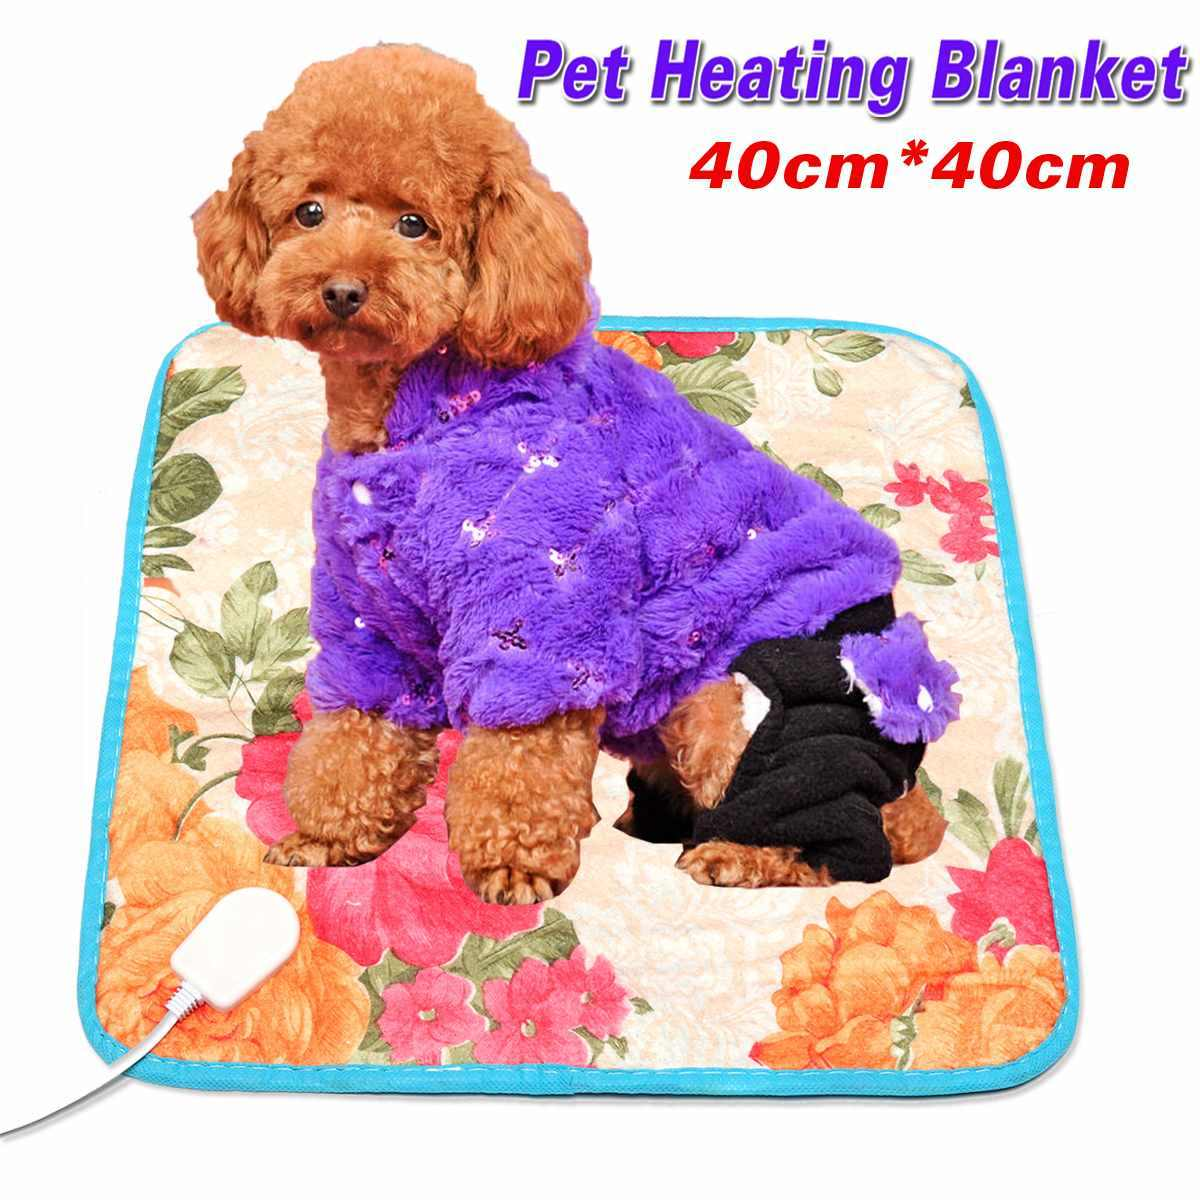 40 センチメートル * 40 センチメートルペット暖かい電気熱暖房パッドマット毛布睡眠 18 ワット犬猫秋冬クッション